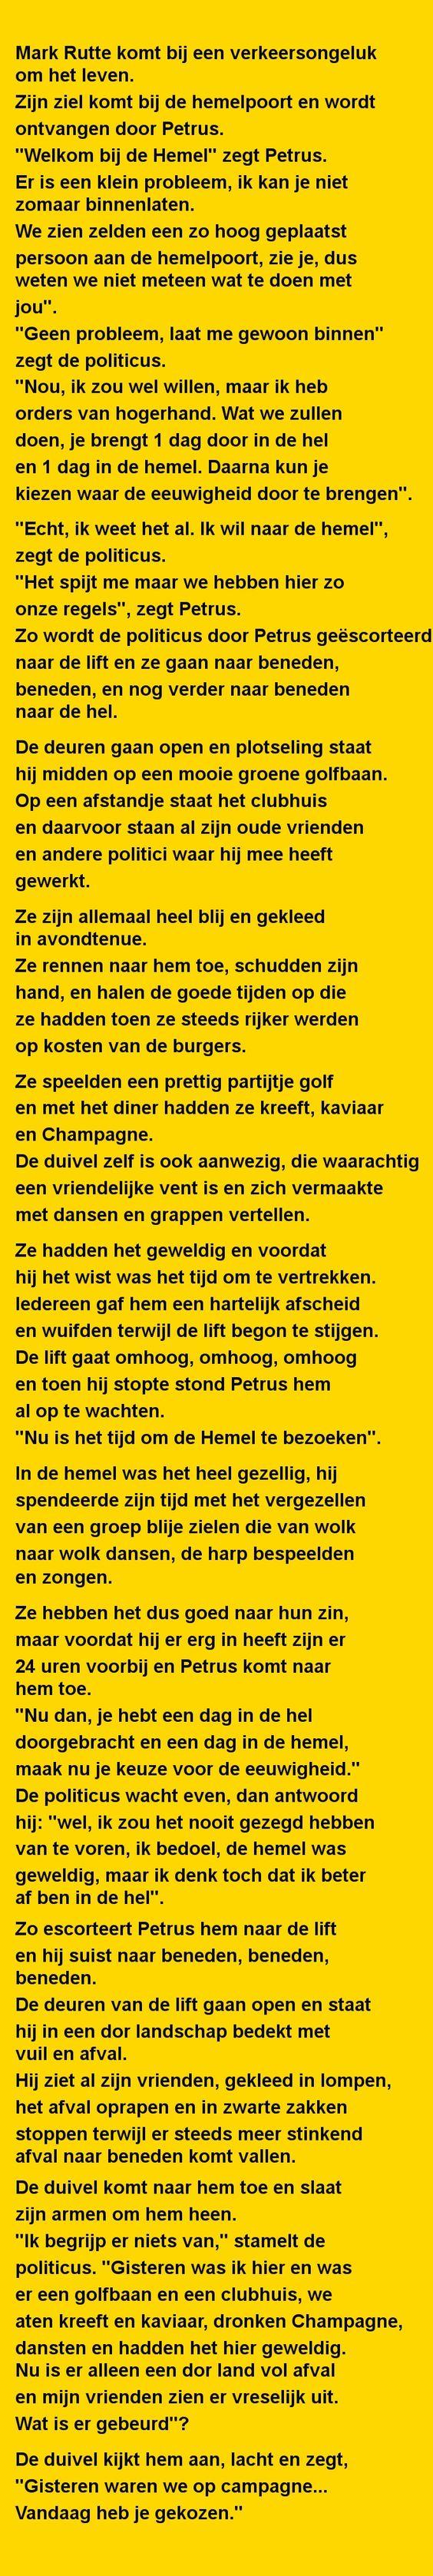 Mark Rutte komt bij een - Zieer.nl: